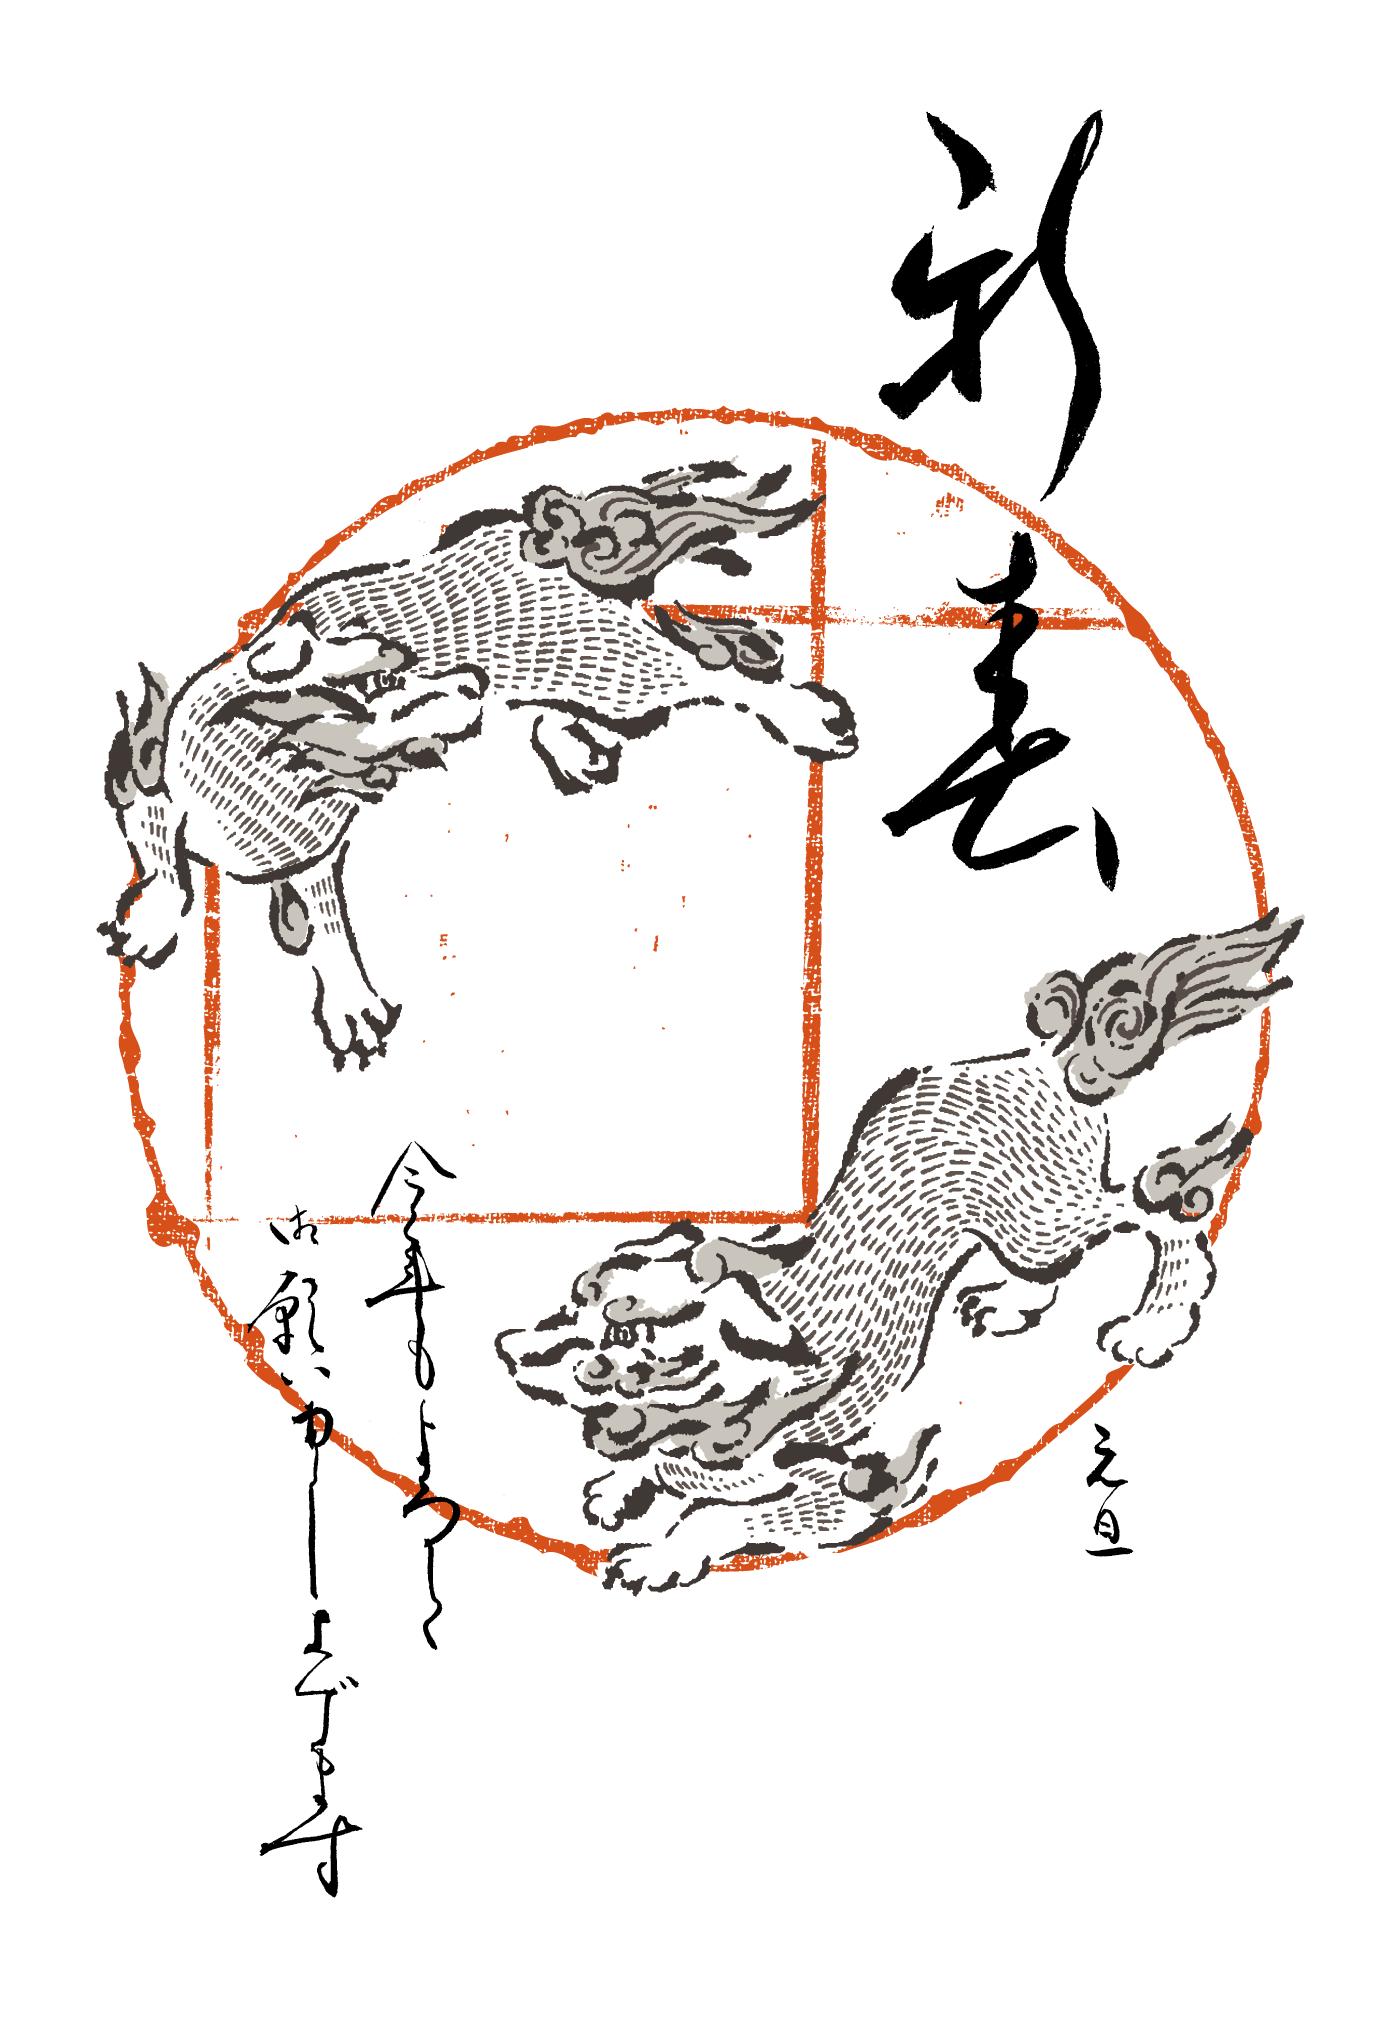 2018年賀状12-2:新春狛犬(赤格子)のダウンロード画像